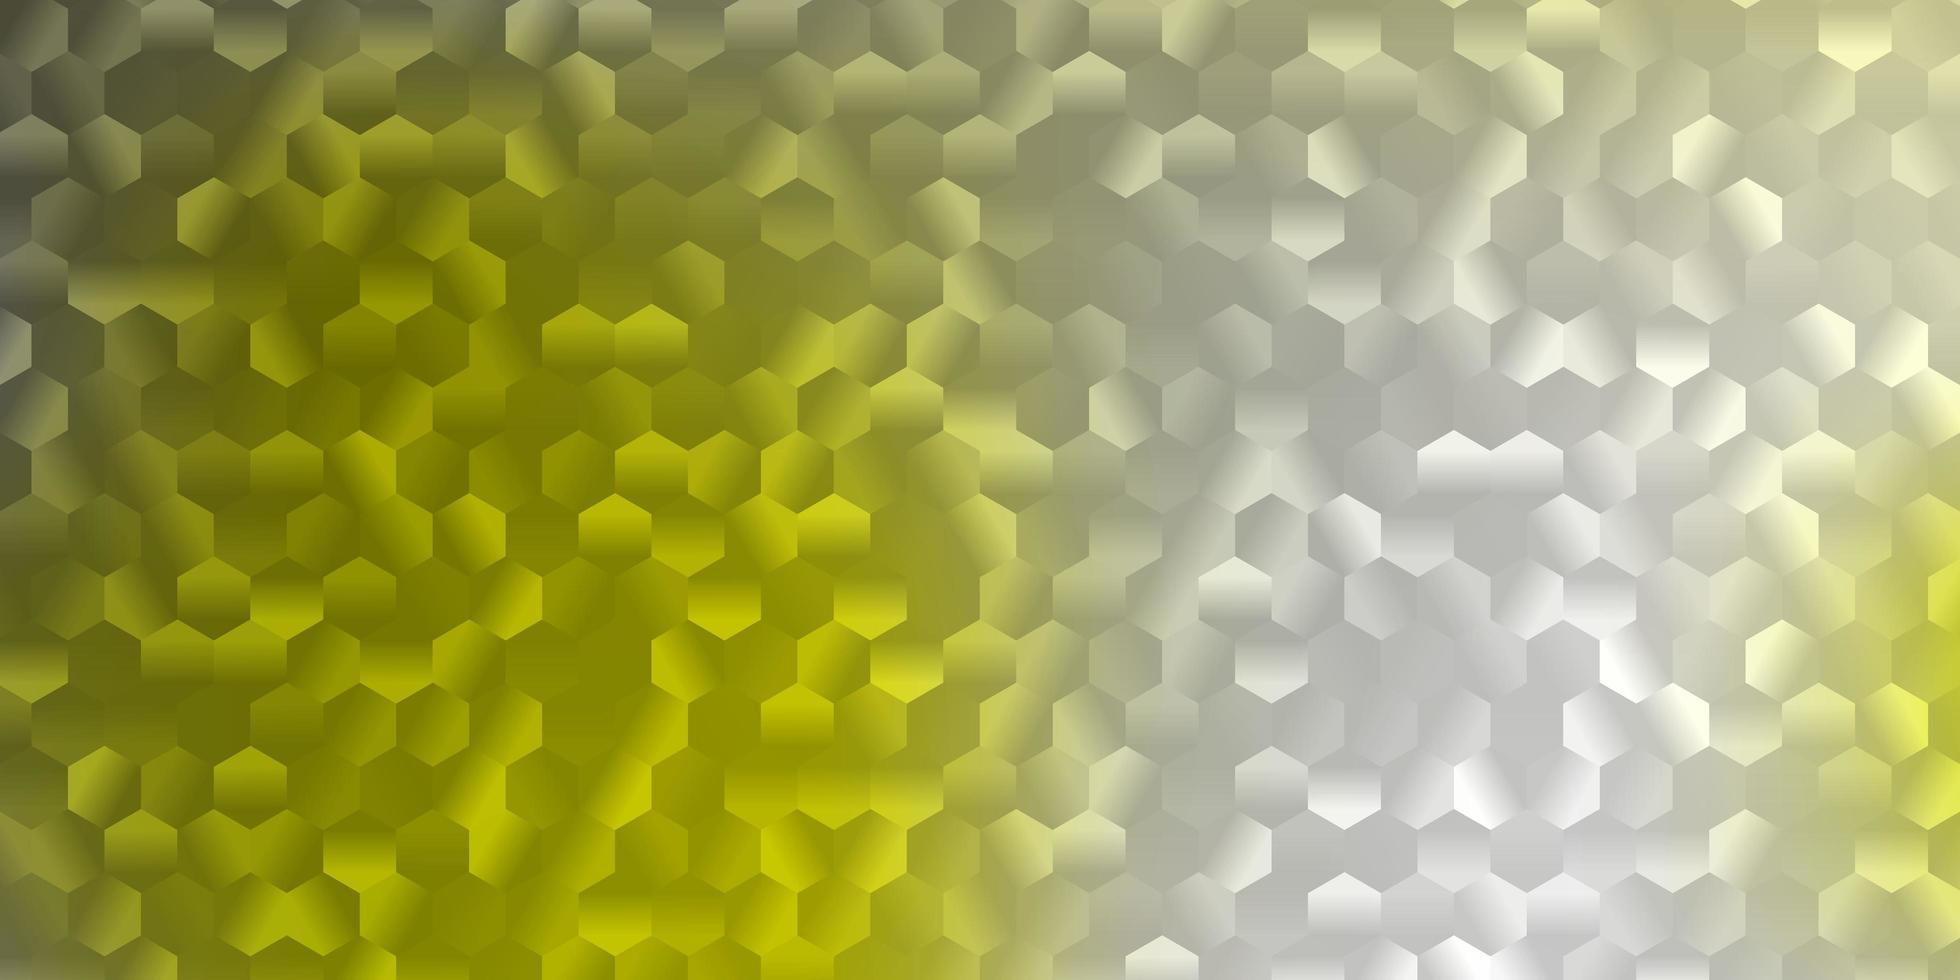 motif jaune clair avec des hexagones. vecteur